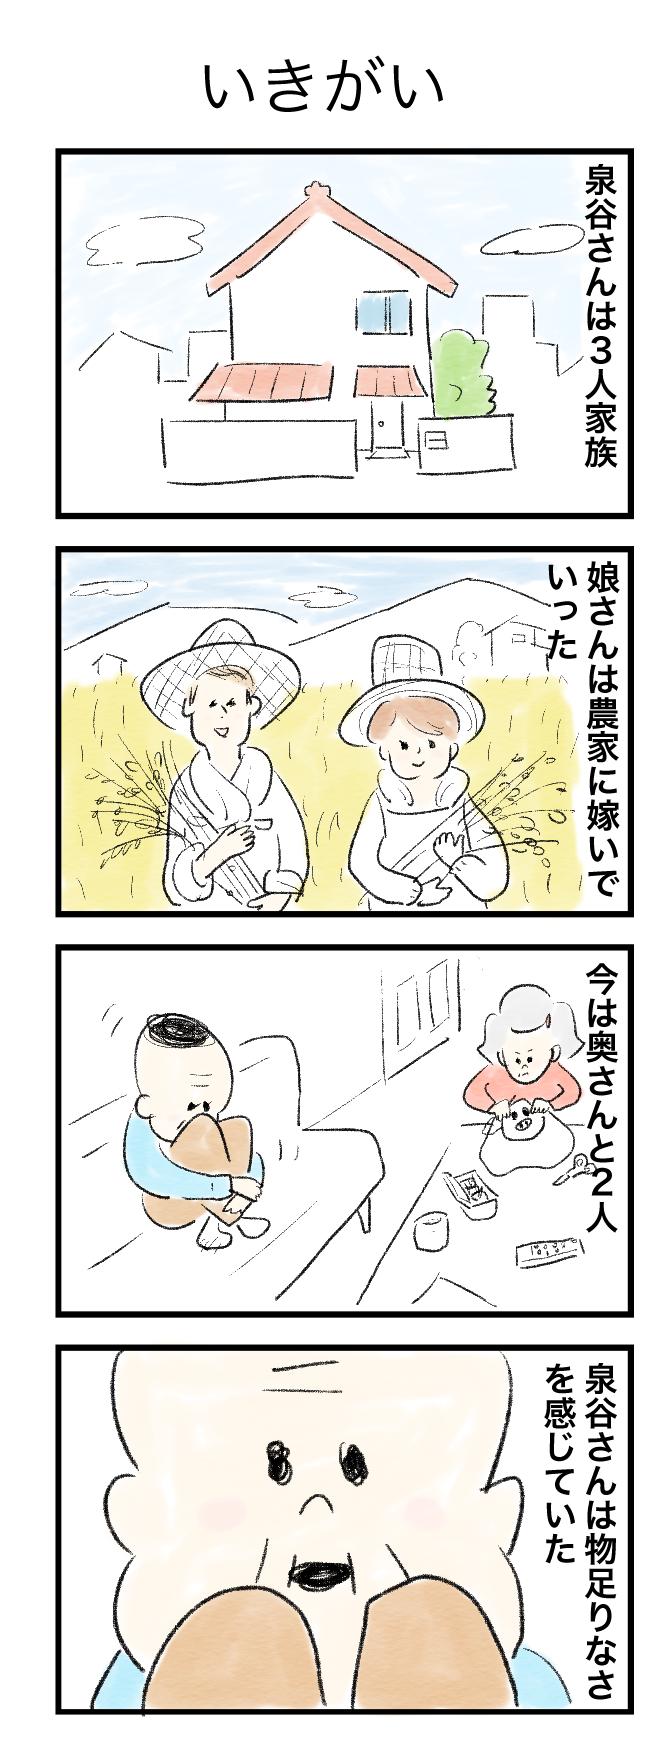 【ごとお日漫画】今日の泉谷さん(1)いきがい